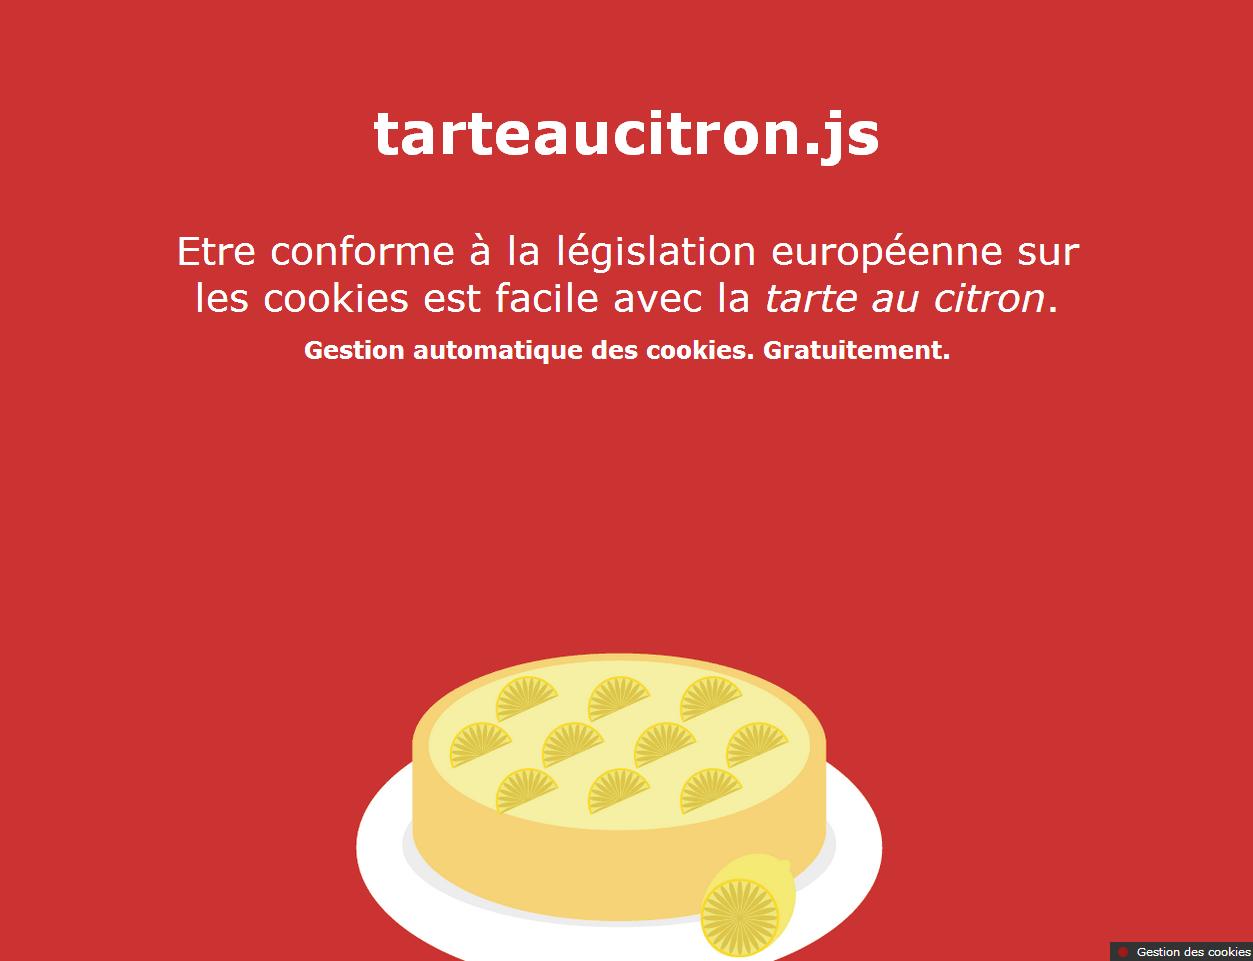 Etre conforme à la législation européenne sur les cookies